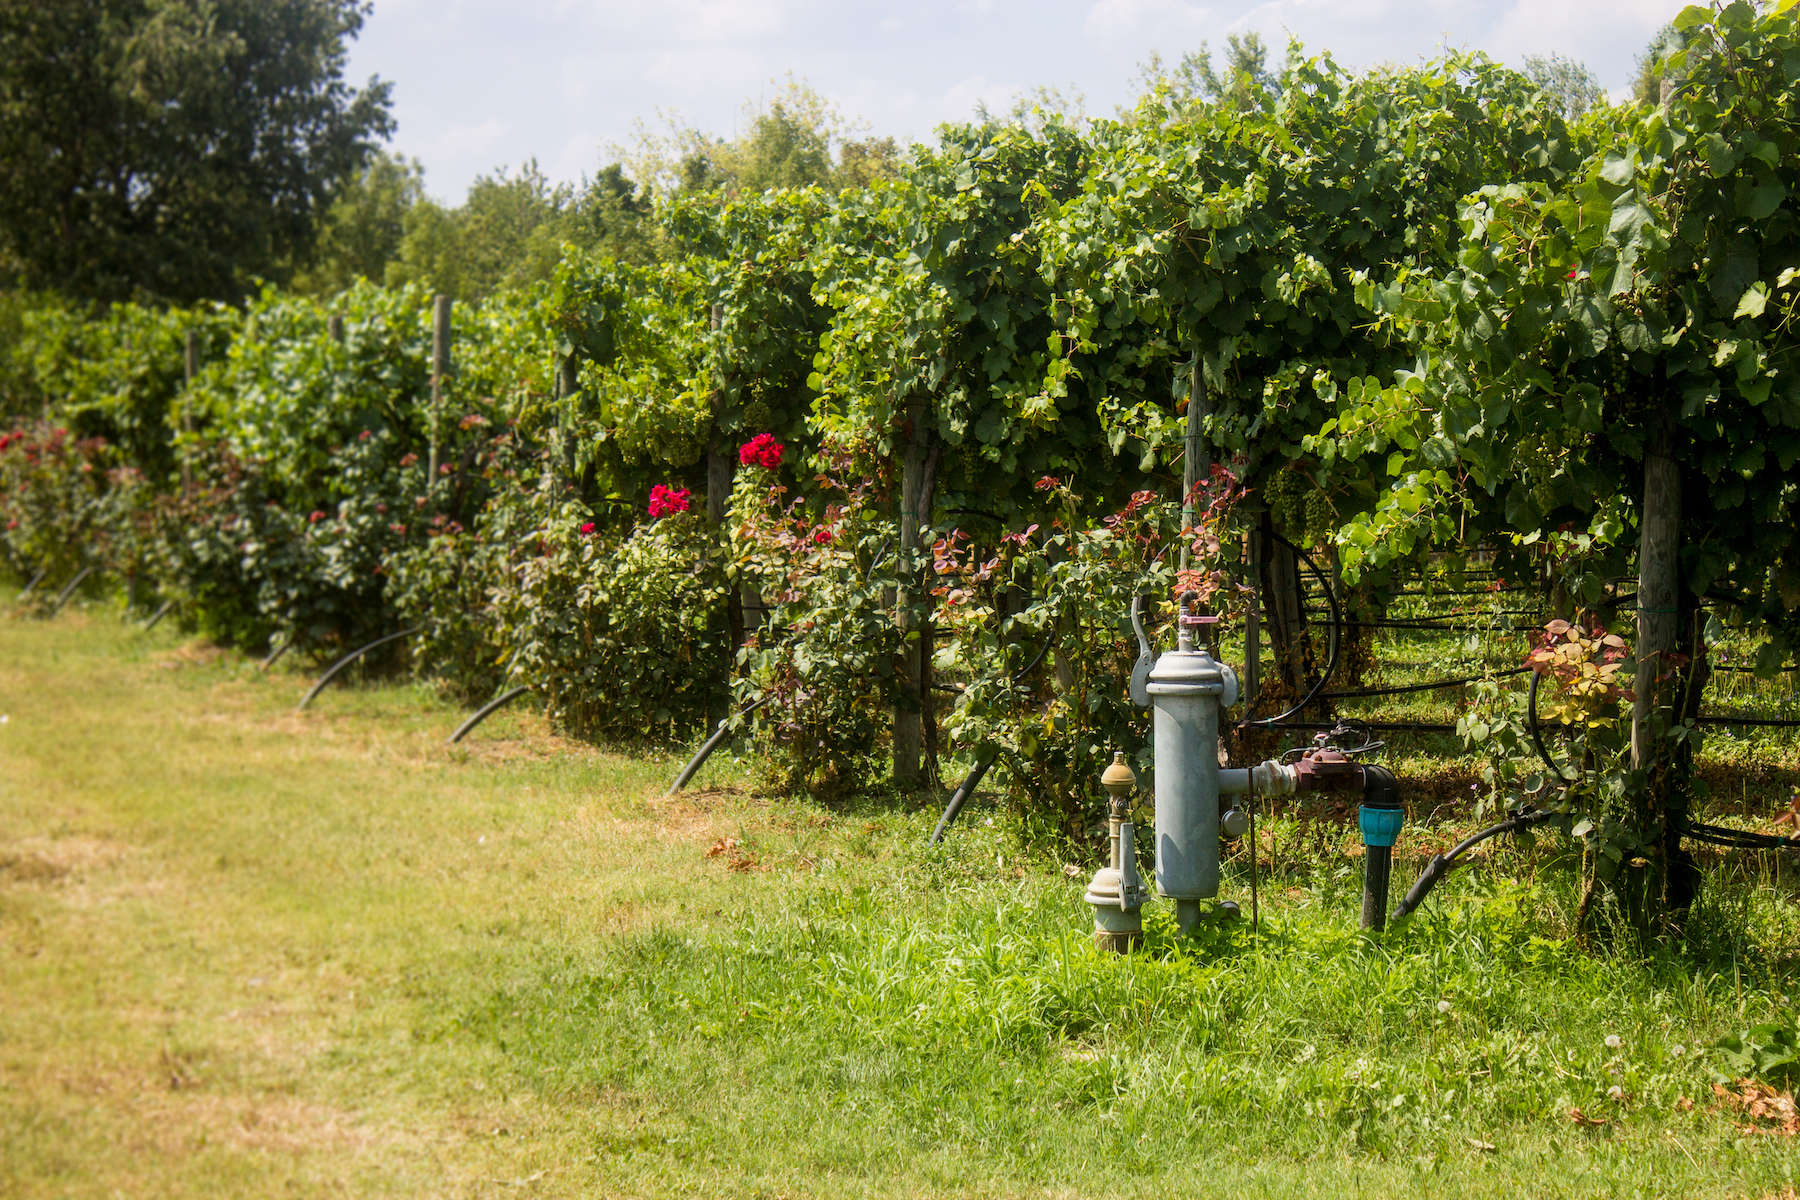 En blanding af Trebbiano- og Lambrusco-druer udgør Leonardis balsamico.